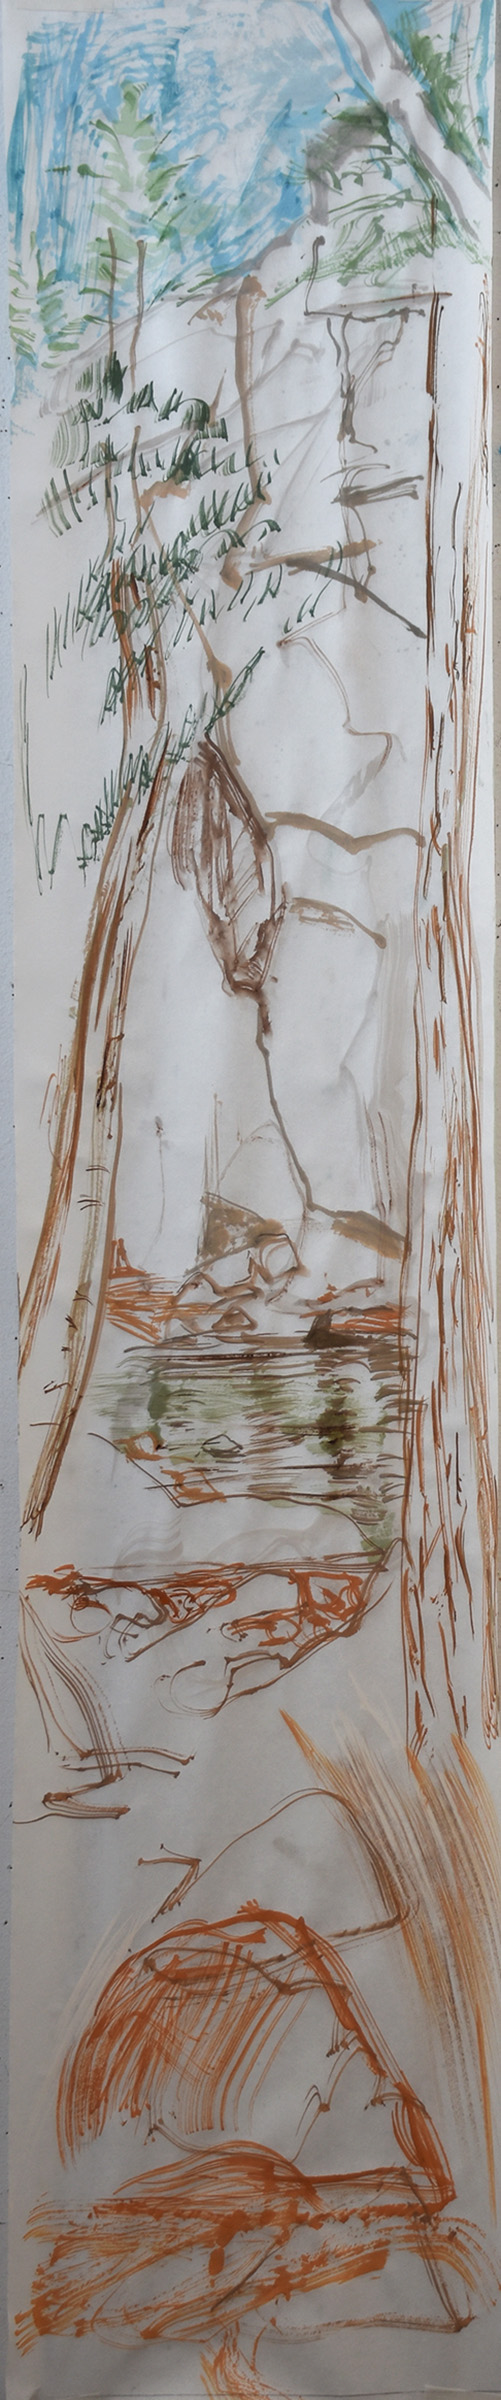 2-5-17 creek scroll 1.jpg